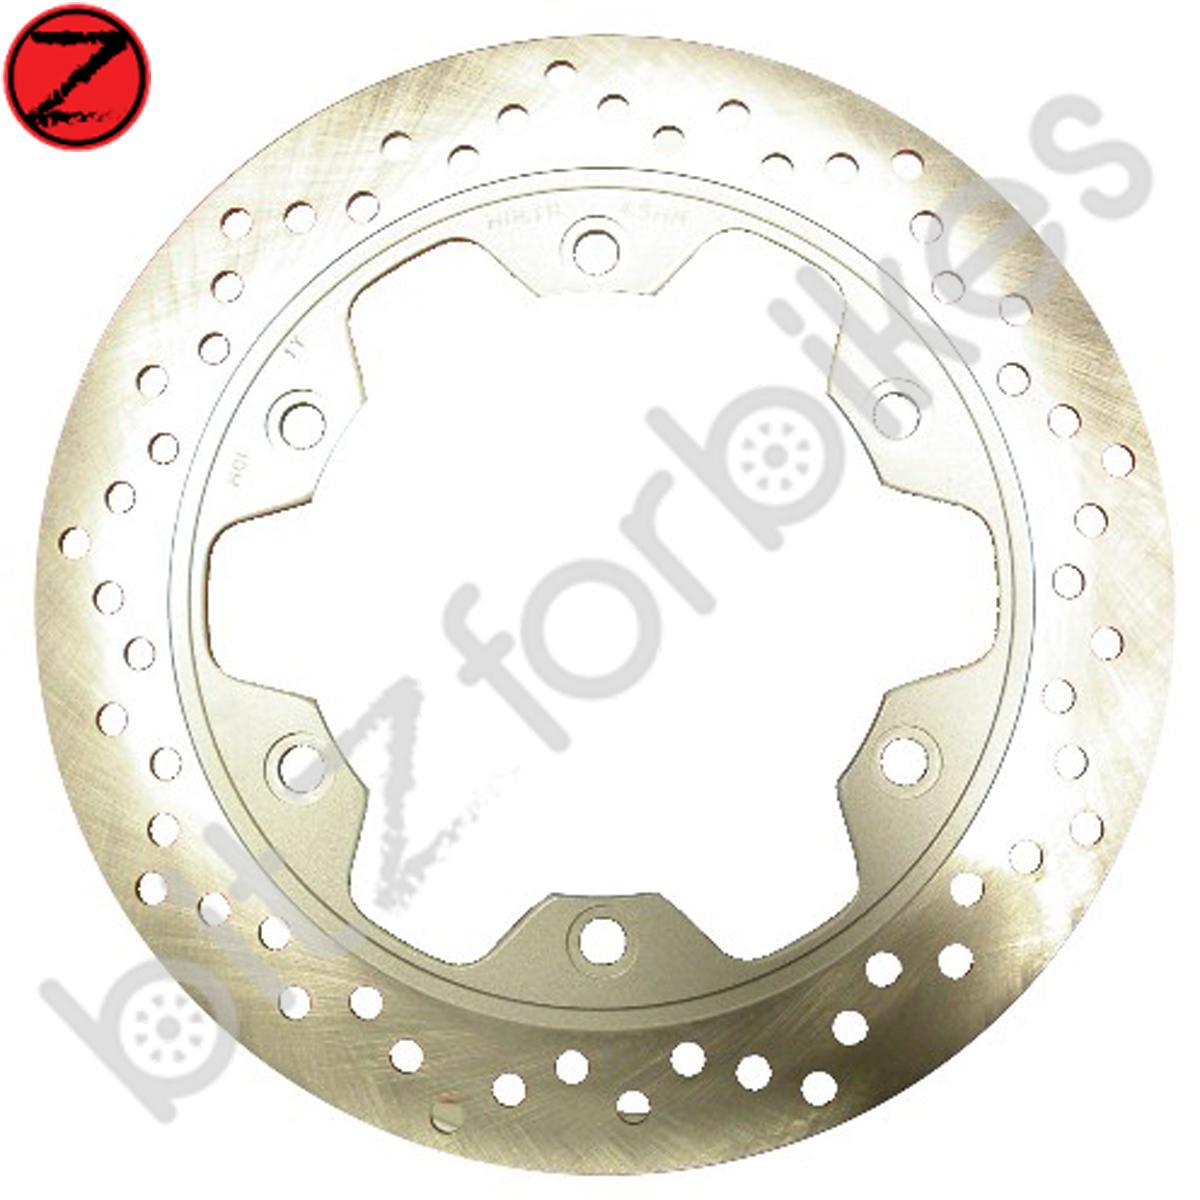 Brake Disc Pads Rear R//H Goldfren for 2006 Honda NT 700 VA6 ABS Deauville